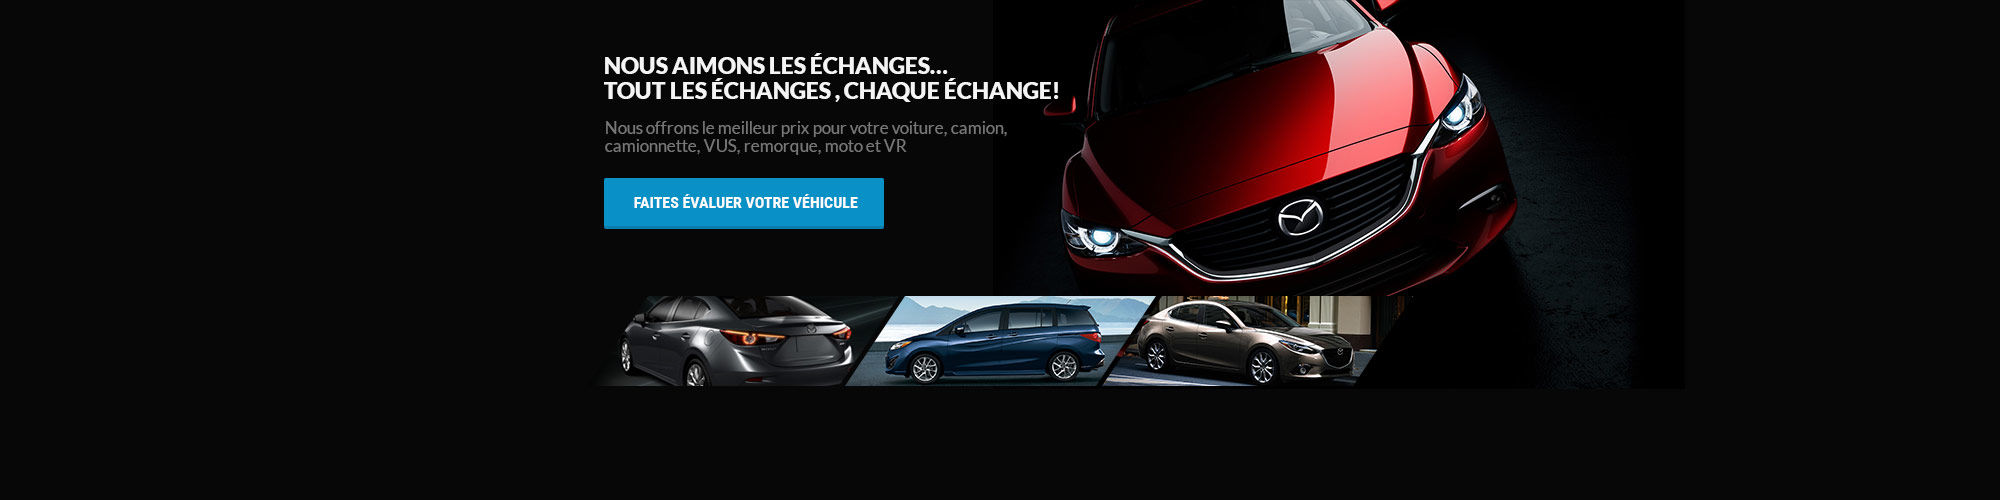 Évaluez votre véhicule (Nouveau site)